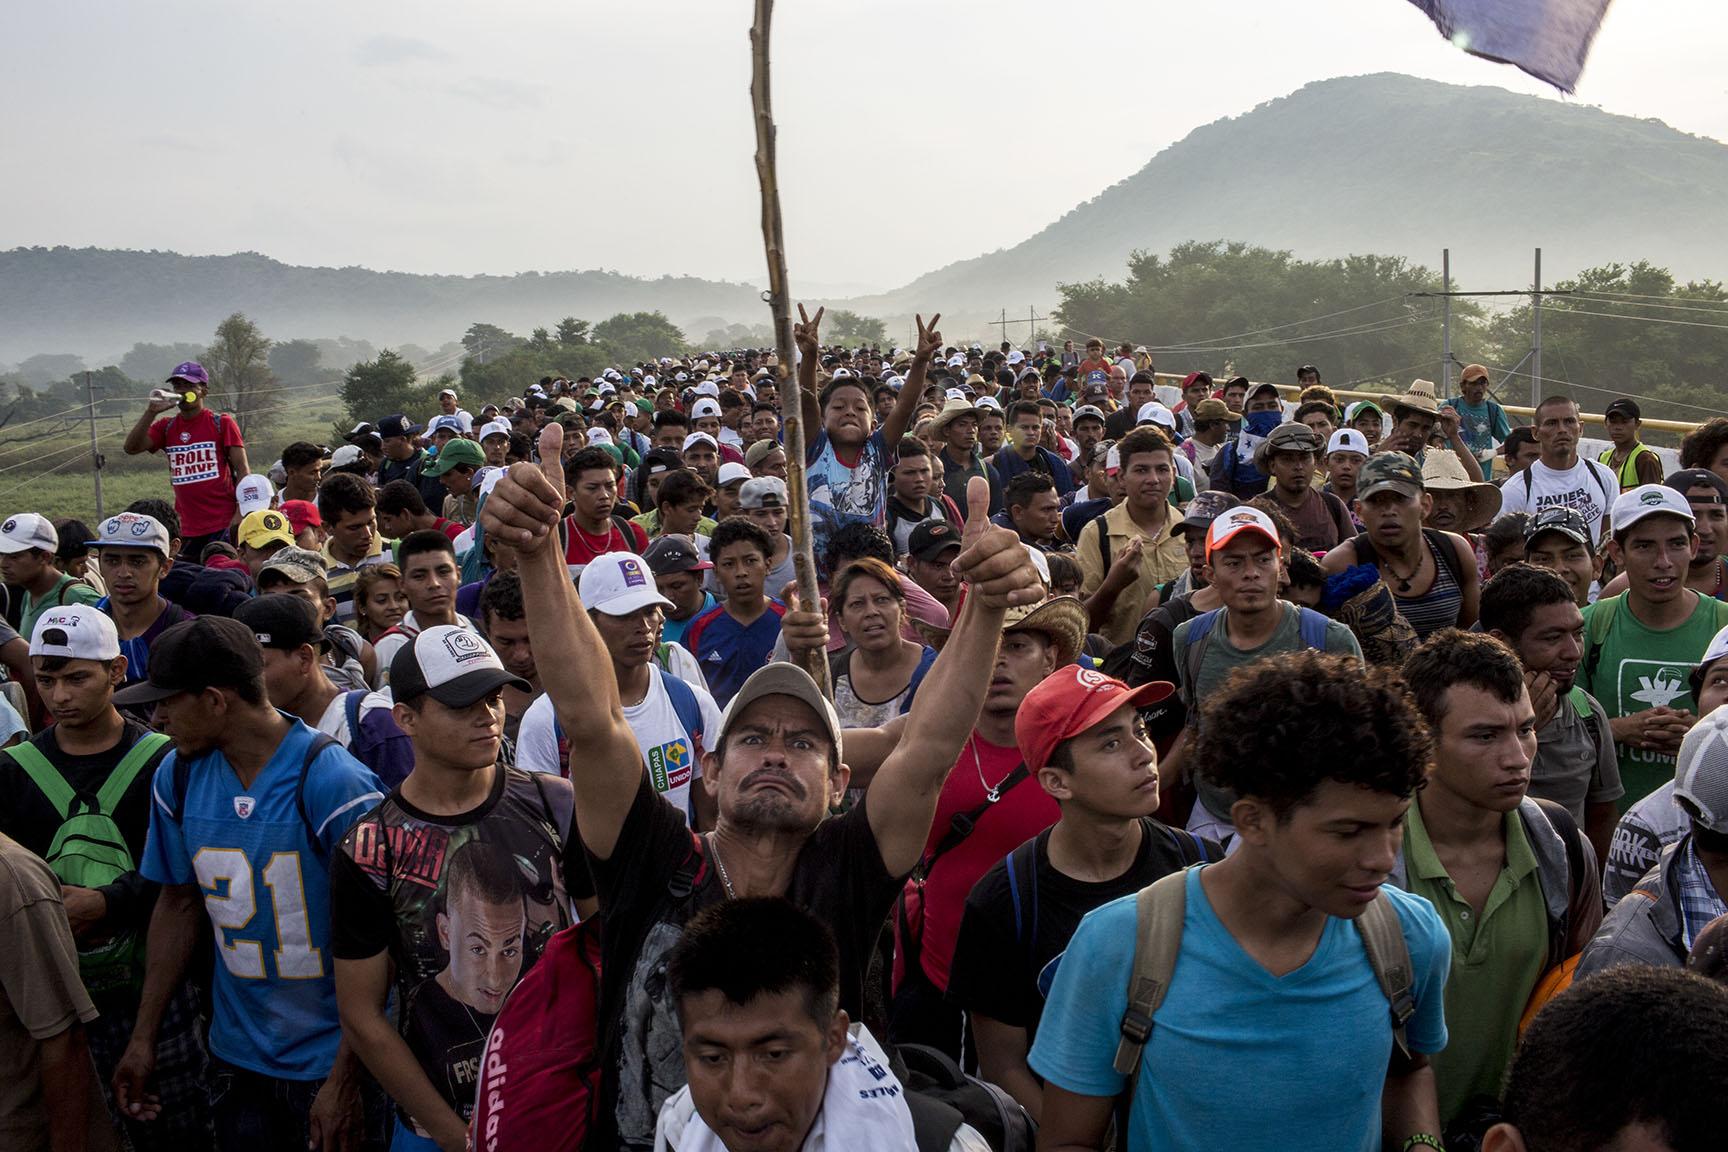 Die Karawane der Flüchtenden aus Mittelamerika in die USA